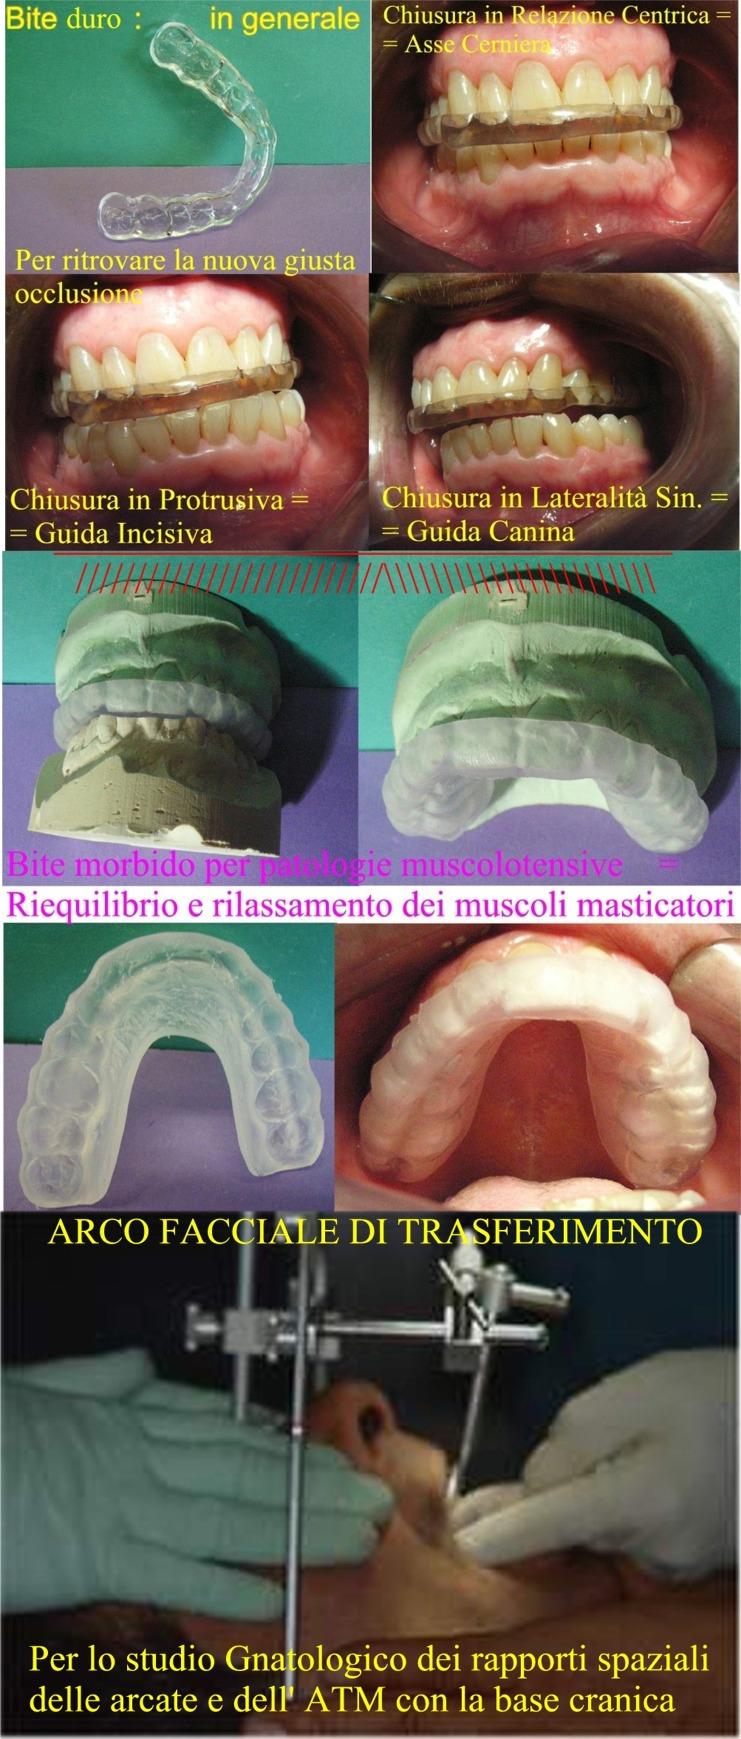 Vari tipi di Bite ed Arco Facciale di Trasferimento per lo studio Gnatologico. Da casistica del Dr. Gustavo Petti Parodontologo Gnatologo di Cagliari